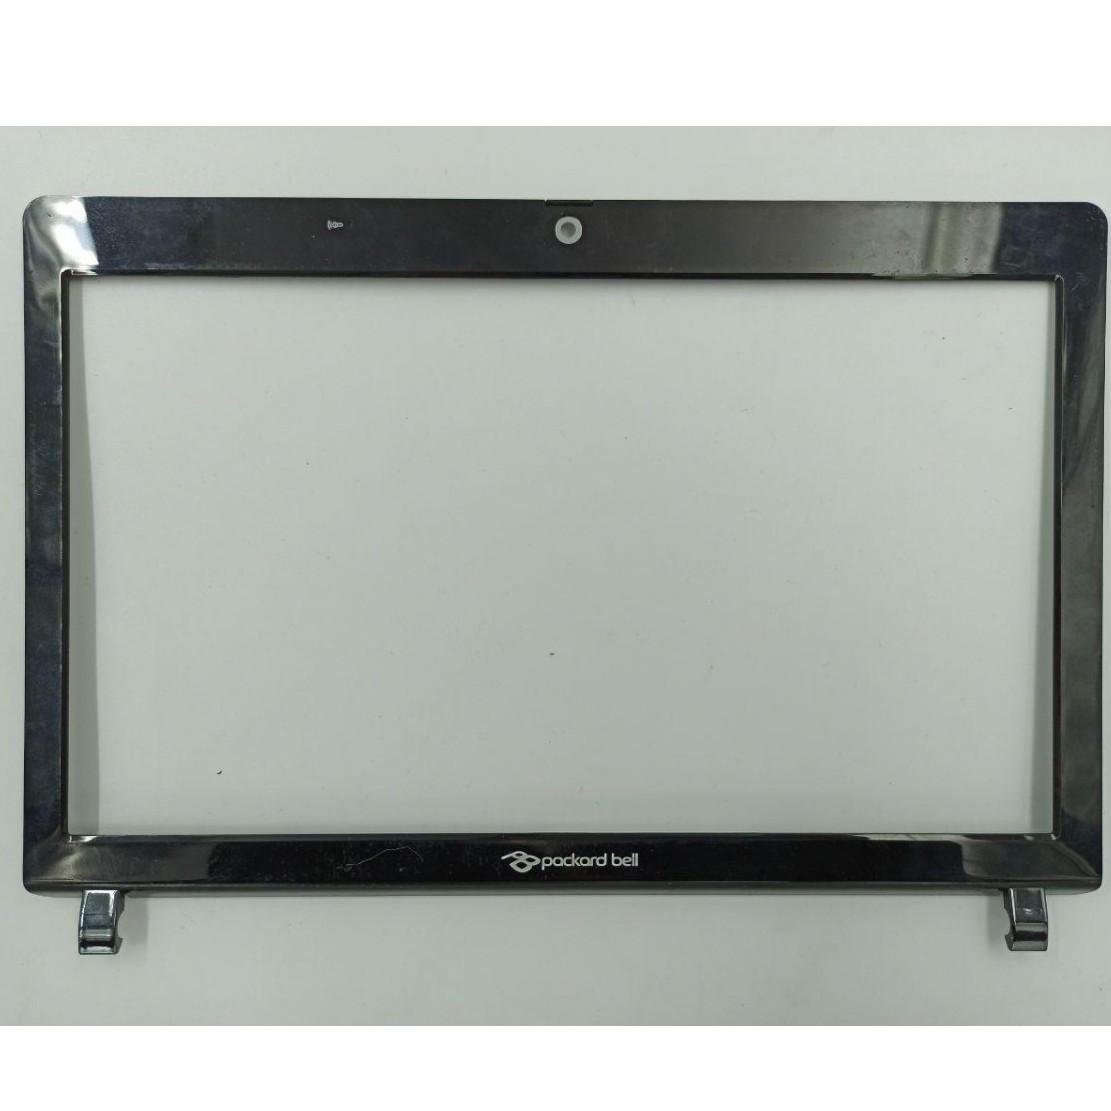 """Рамка матриці для ноутбука Packard Bell ZA3, 11.6"""", zye3cza6lbtn, б/в. В хорошому стані, без пошкодженнь."""